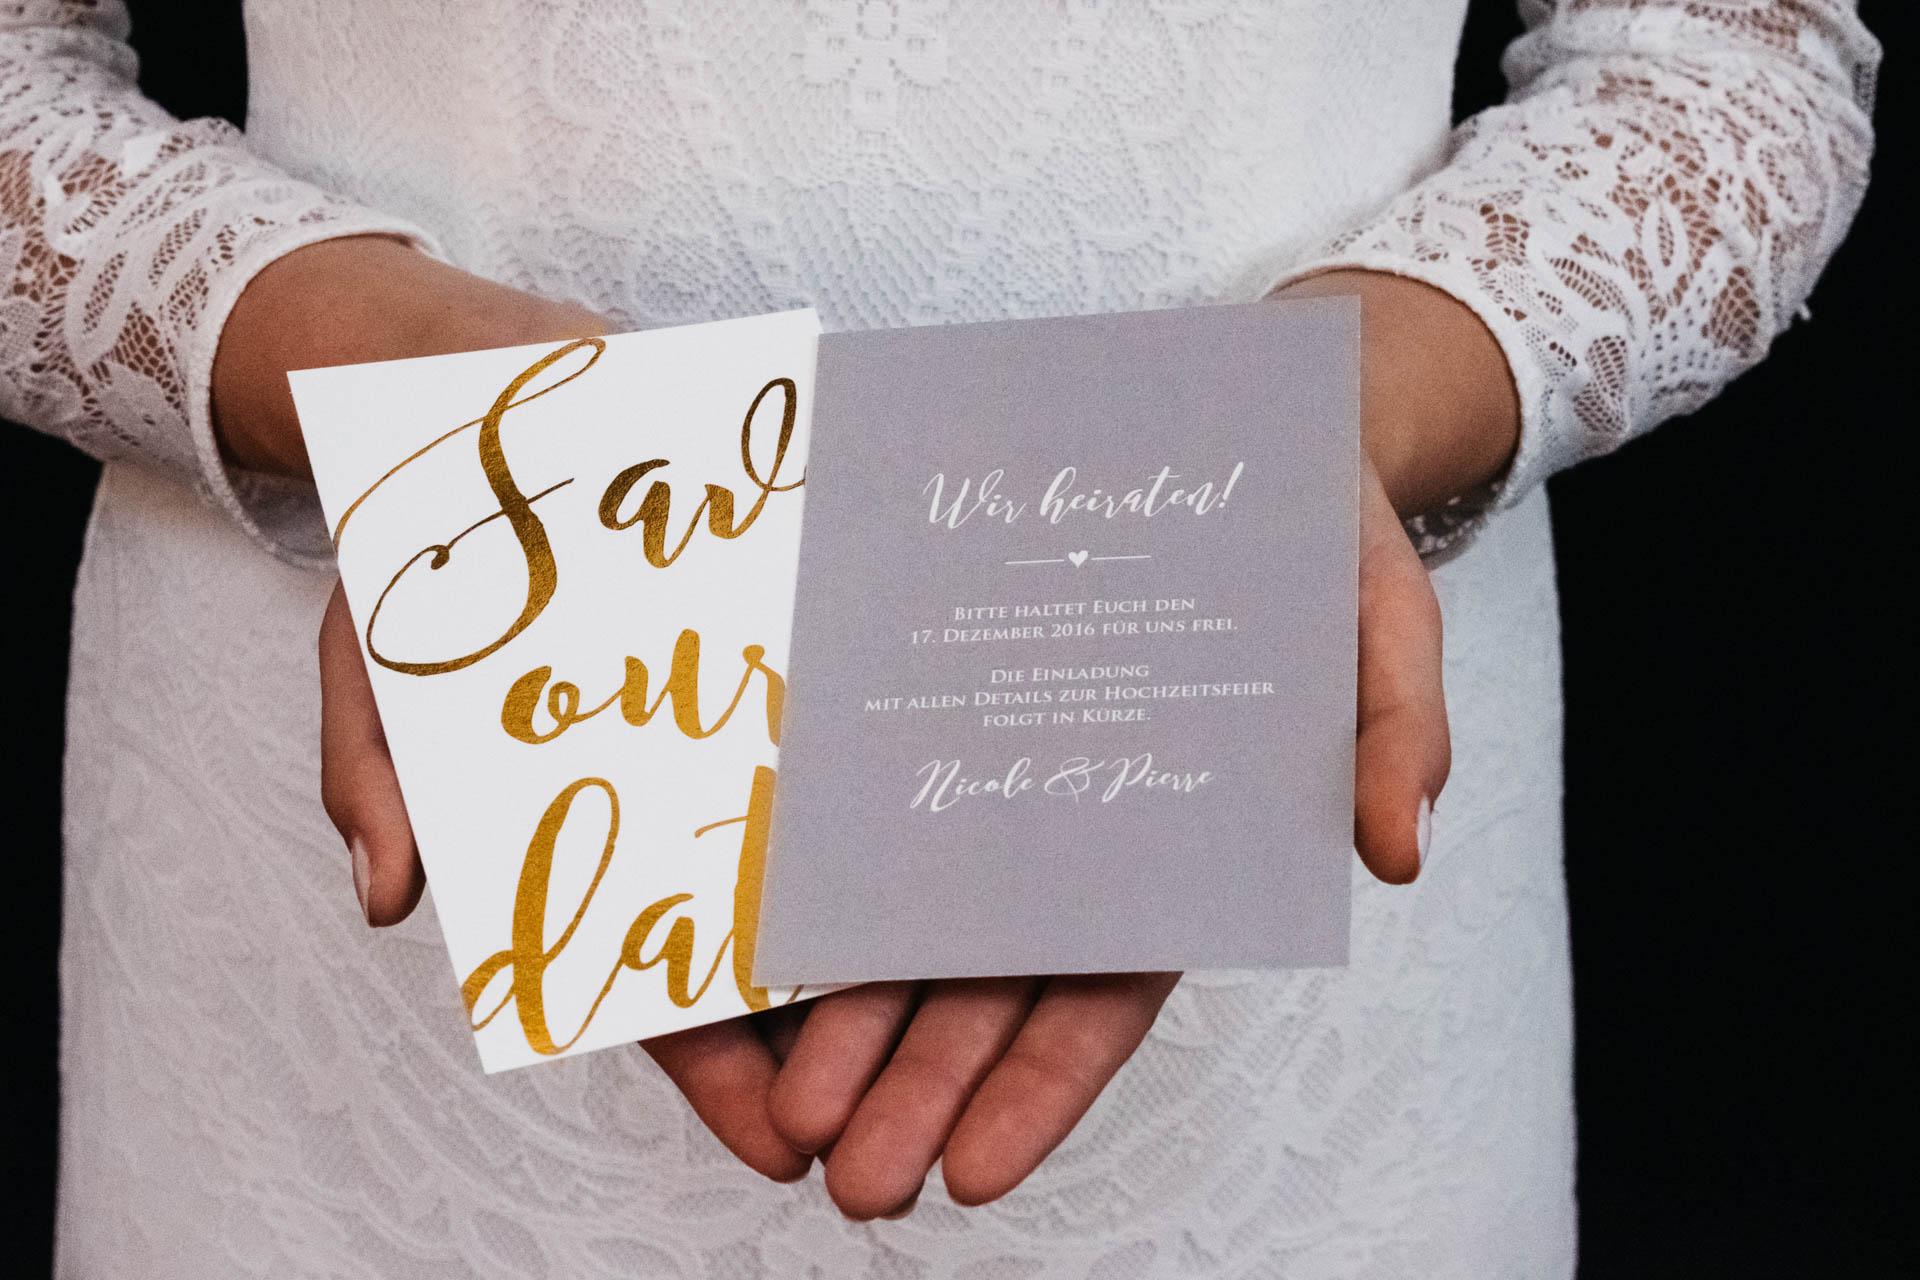 Brautkleiddetaisl und Save the date Karten